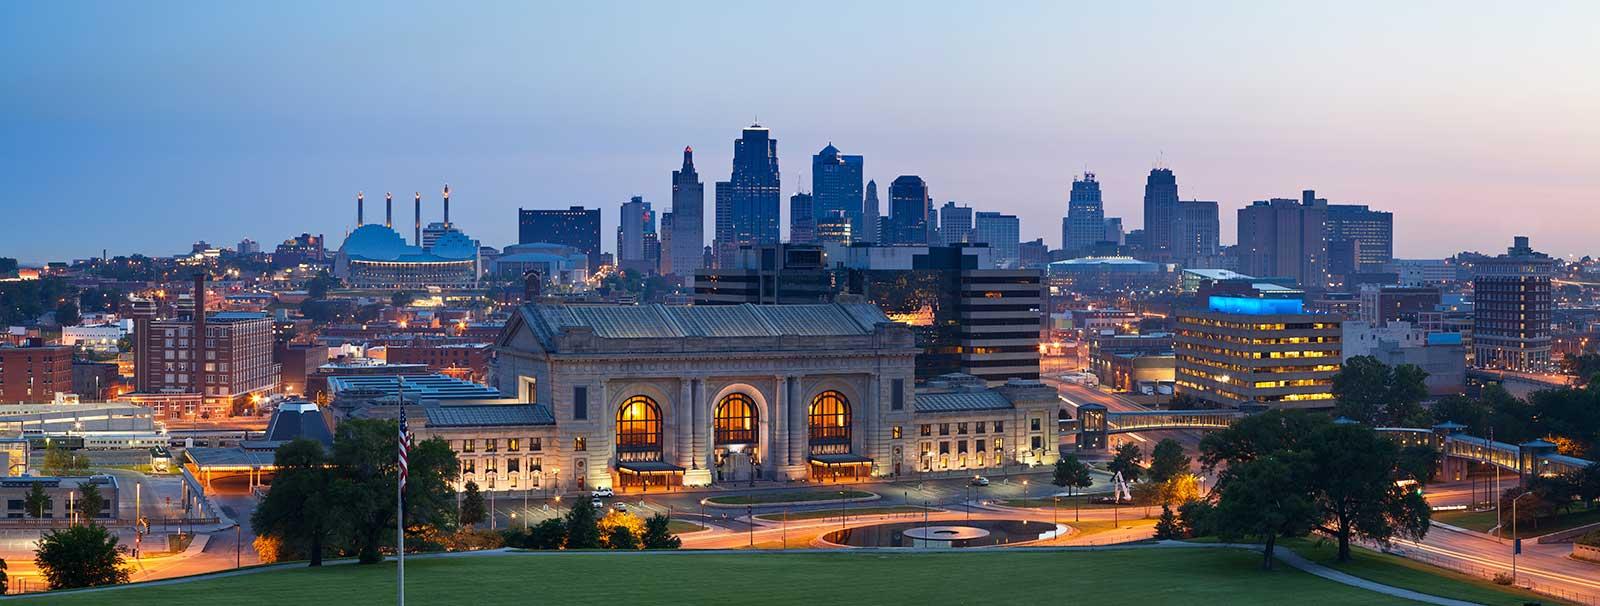 Visit Kansas City